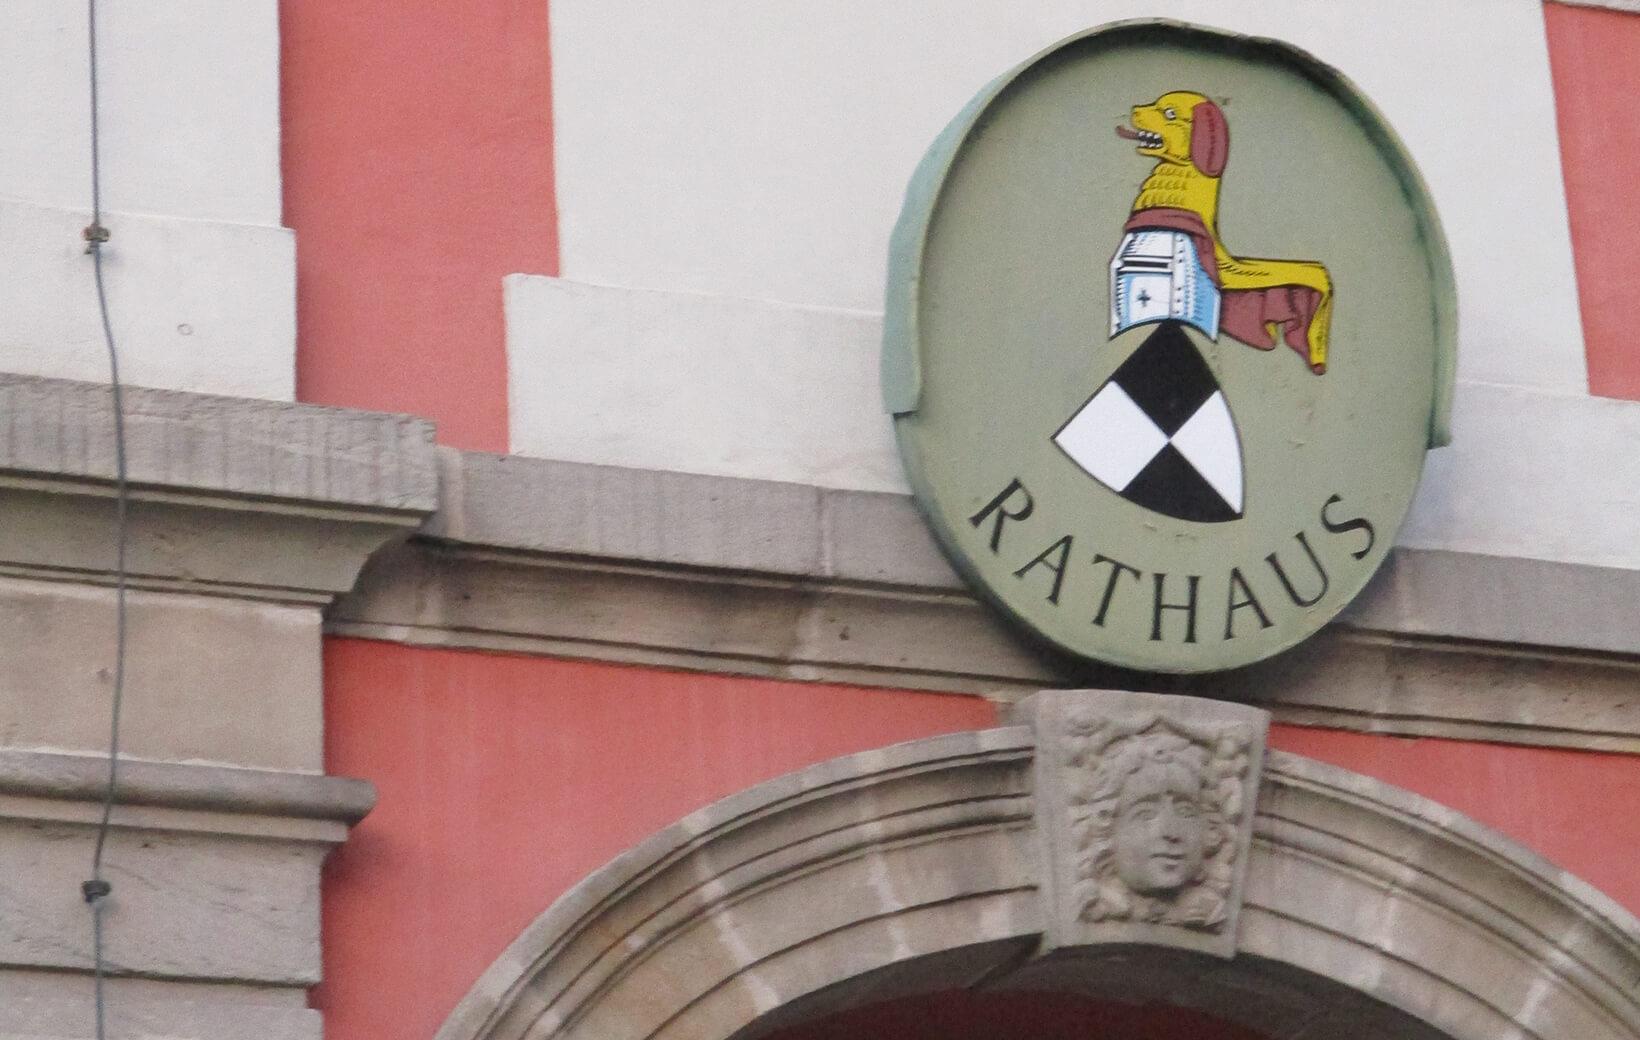 Rathauseingang